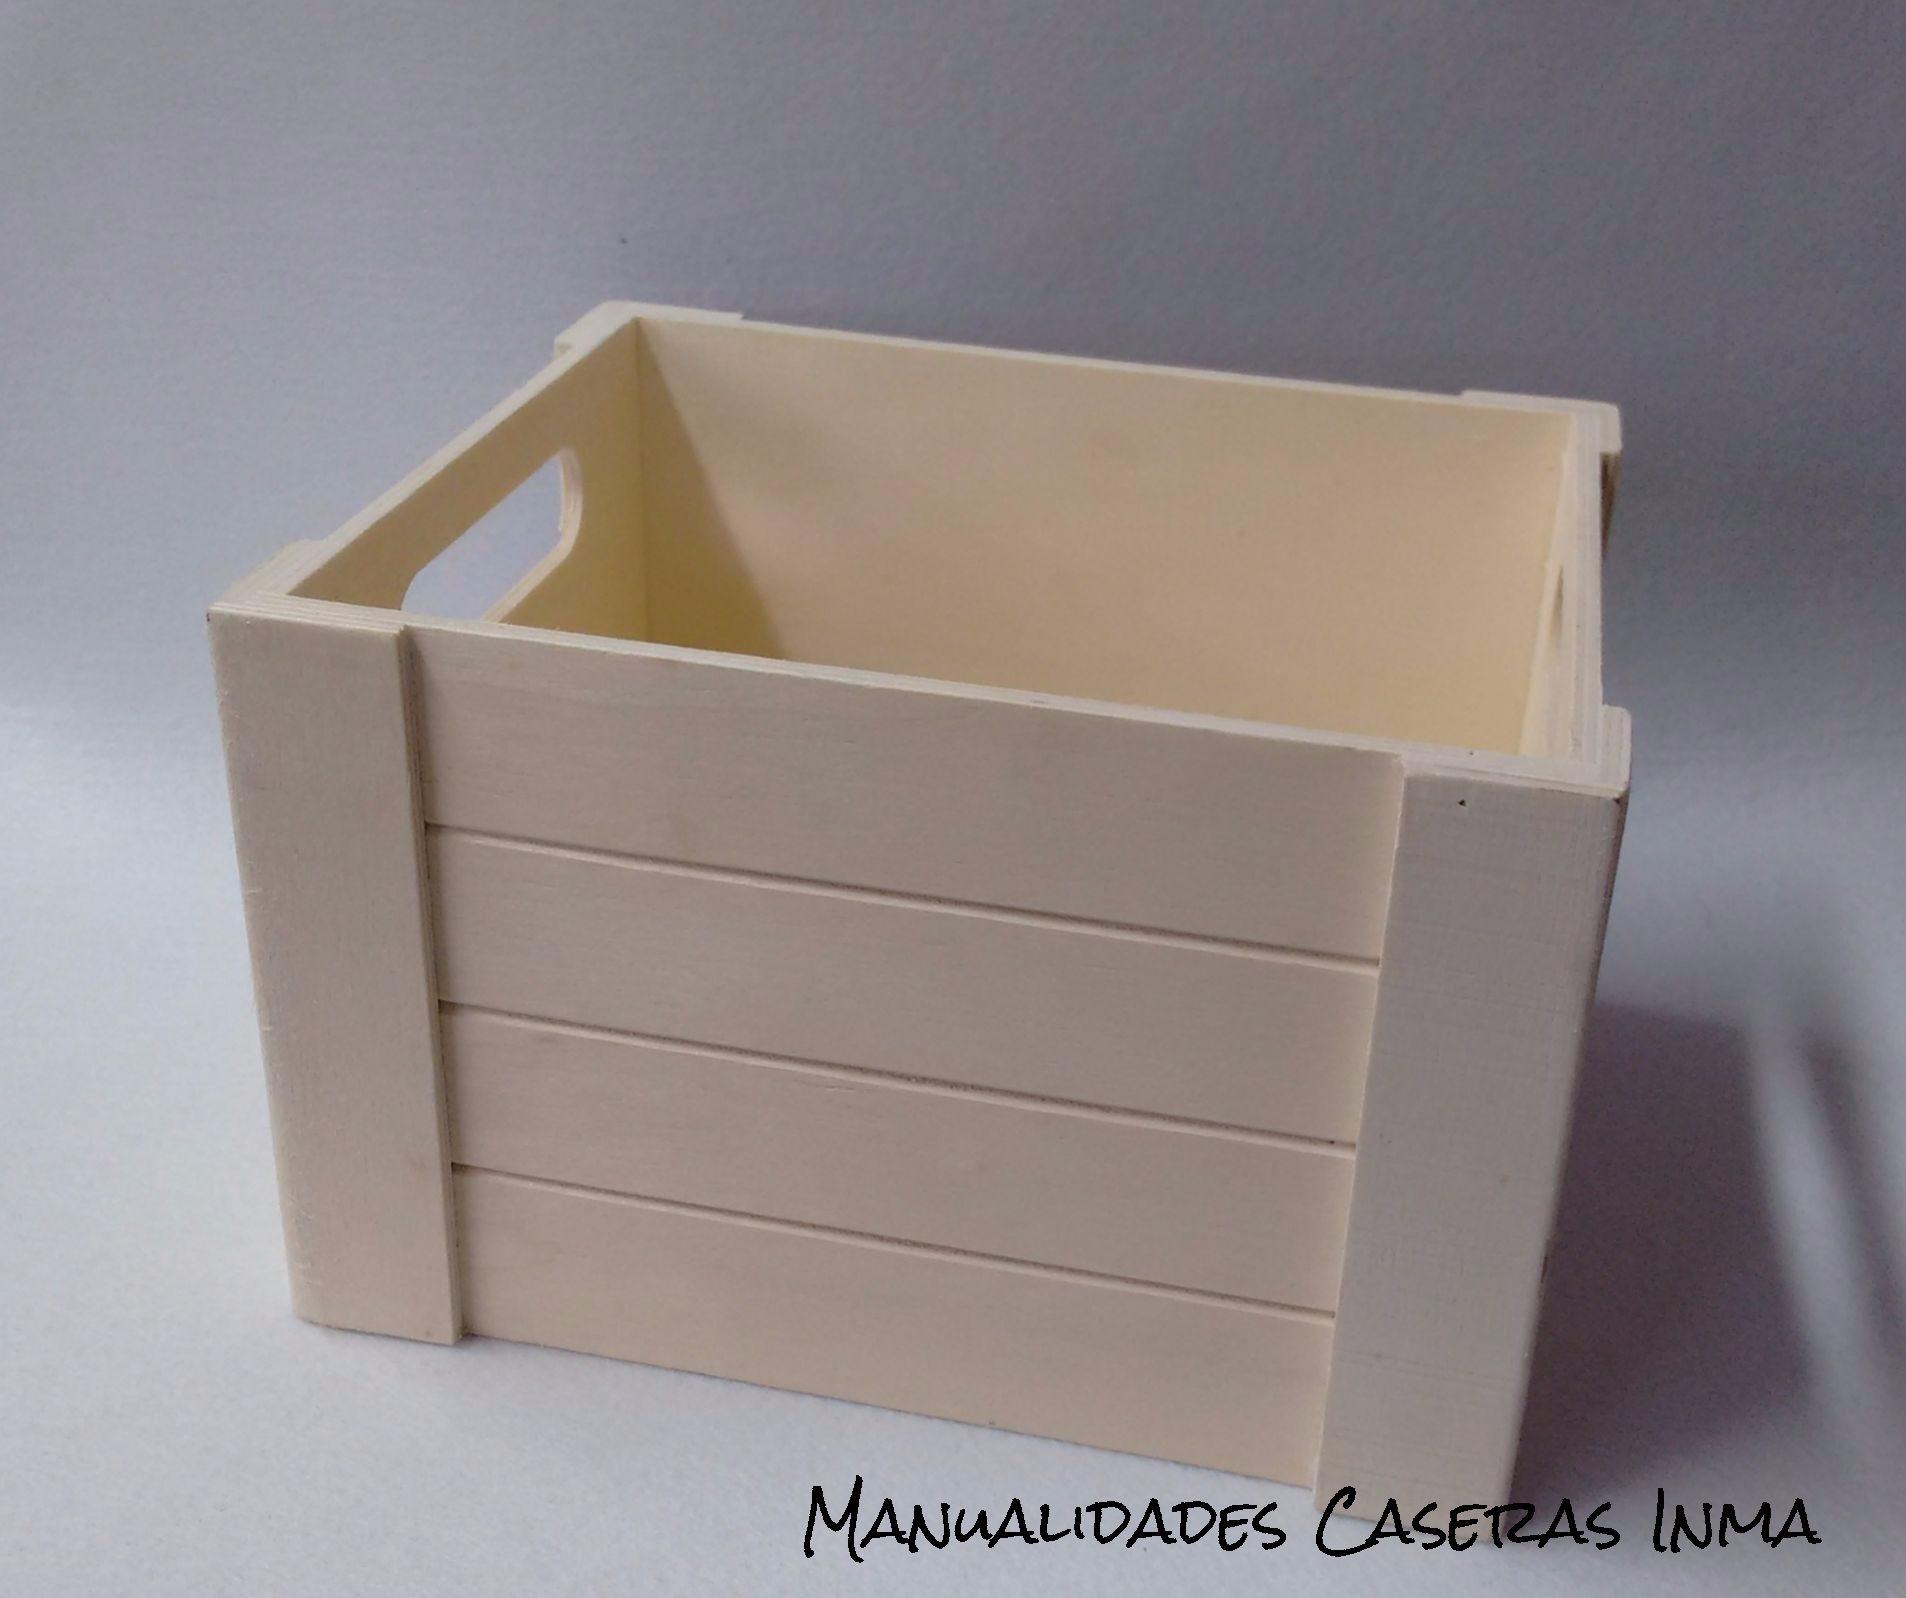 Manualidades Caseras Inma_ cajas regalos en madera